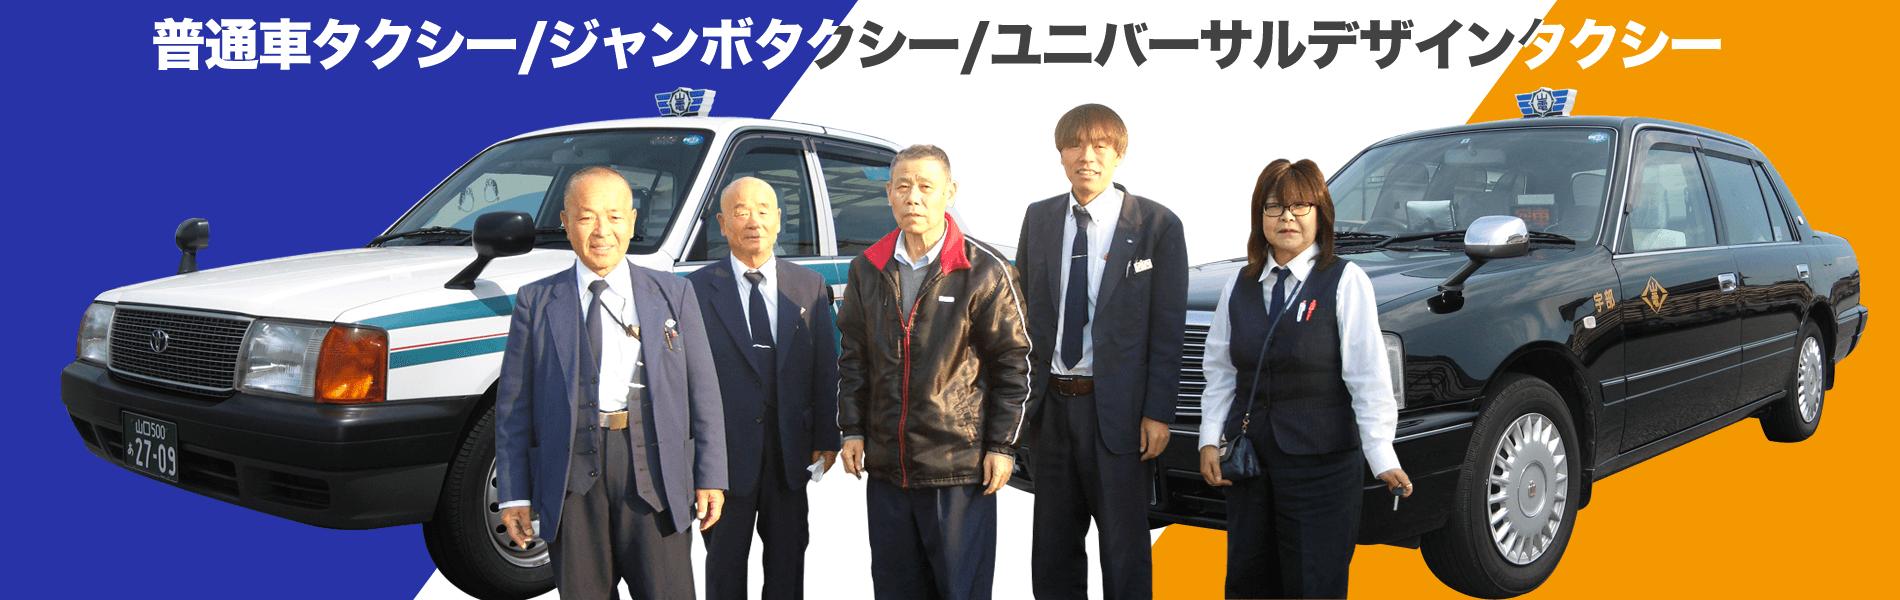 普通車タクシー/ジャンボタクシー/ユニバーサルデザインタクシー